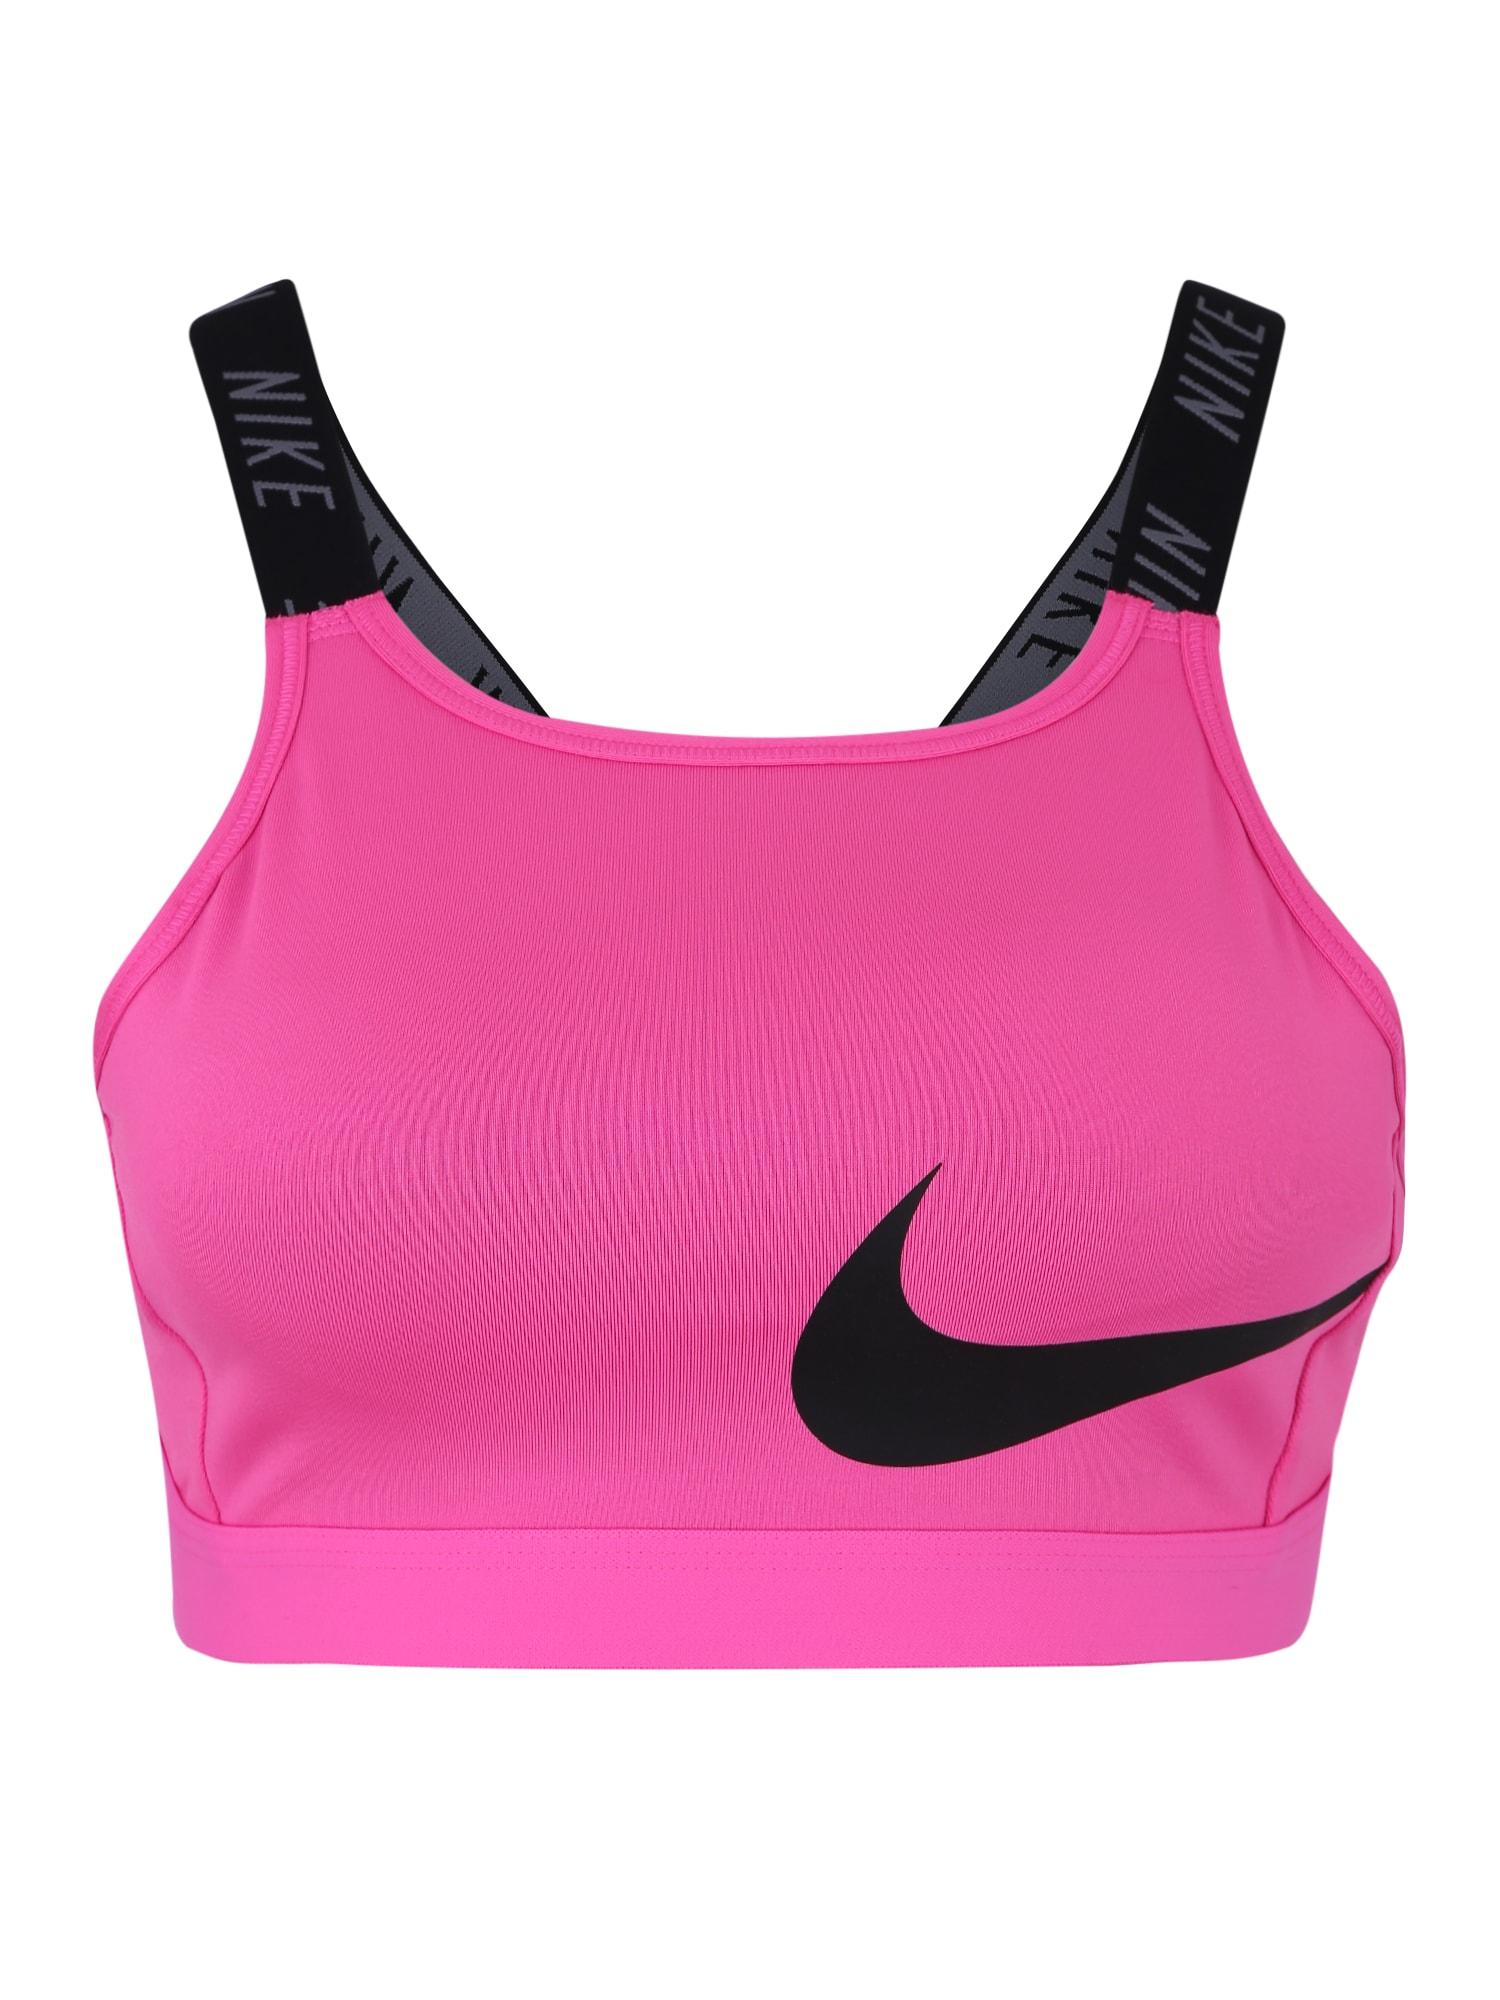 Sportovní podprsenka CLASSIC LOGO BRA 2 pink černá NIKE